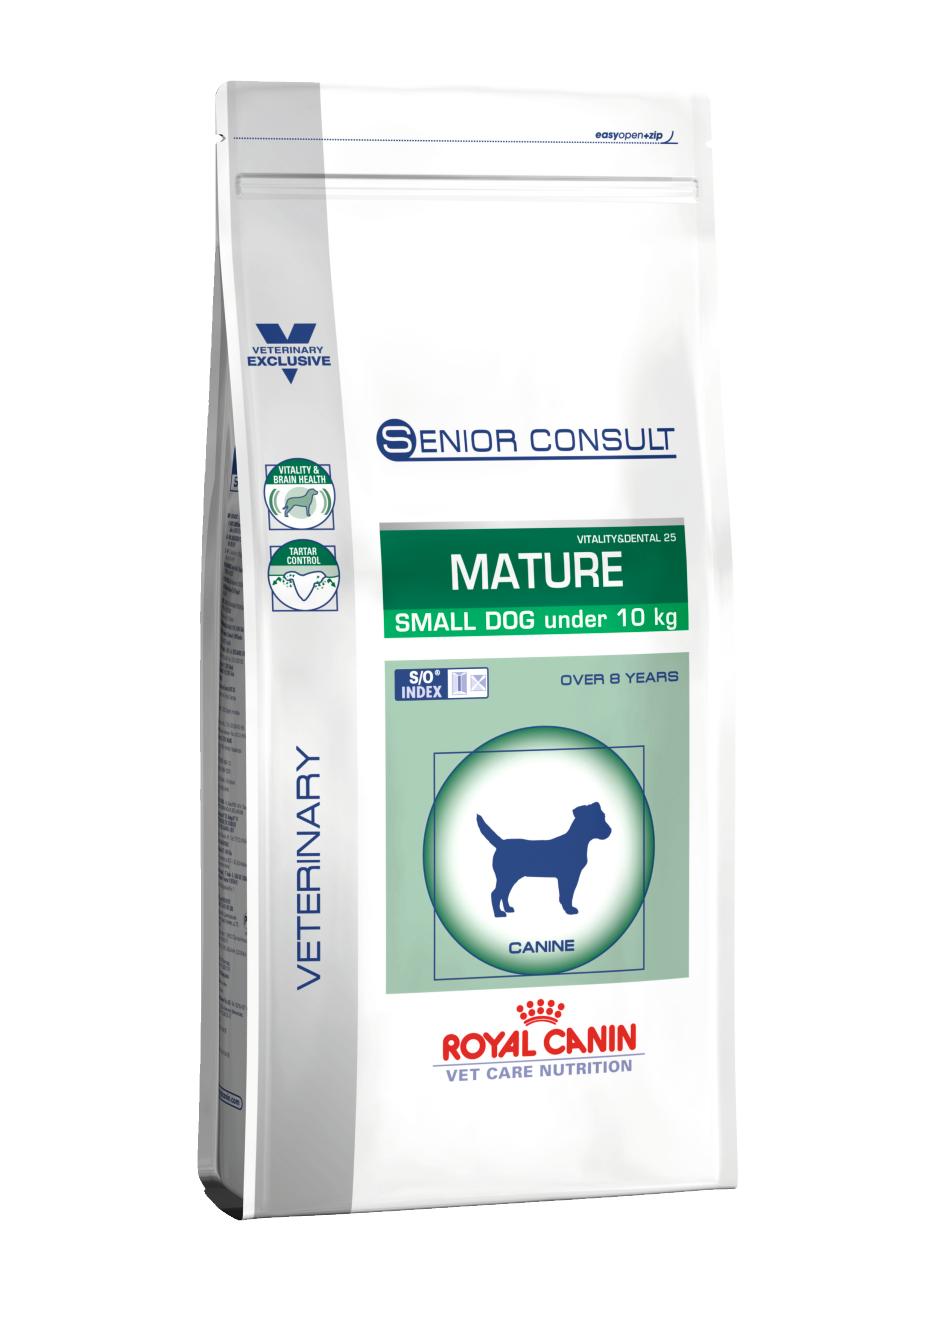 Senior Consult Mature Small Dog under 10kg, 1,5kg